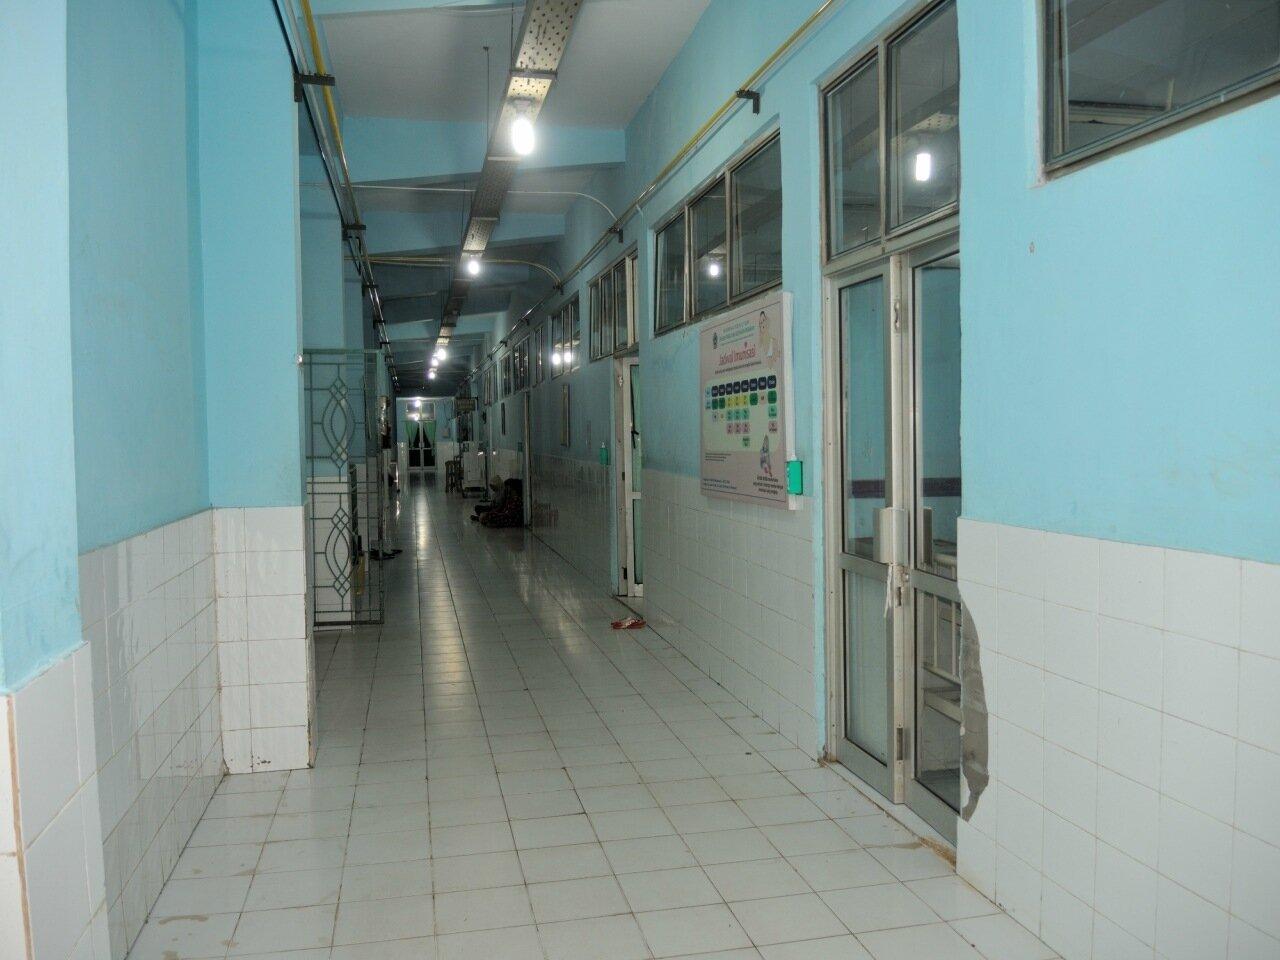 коридор в индонезийской больнице